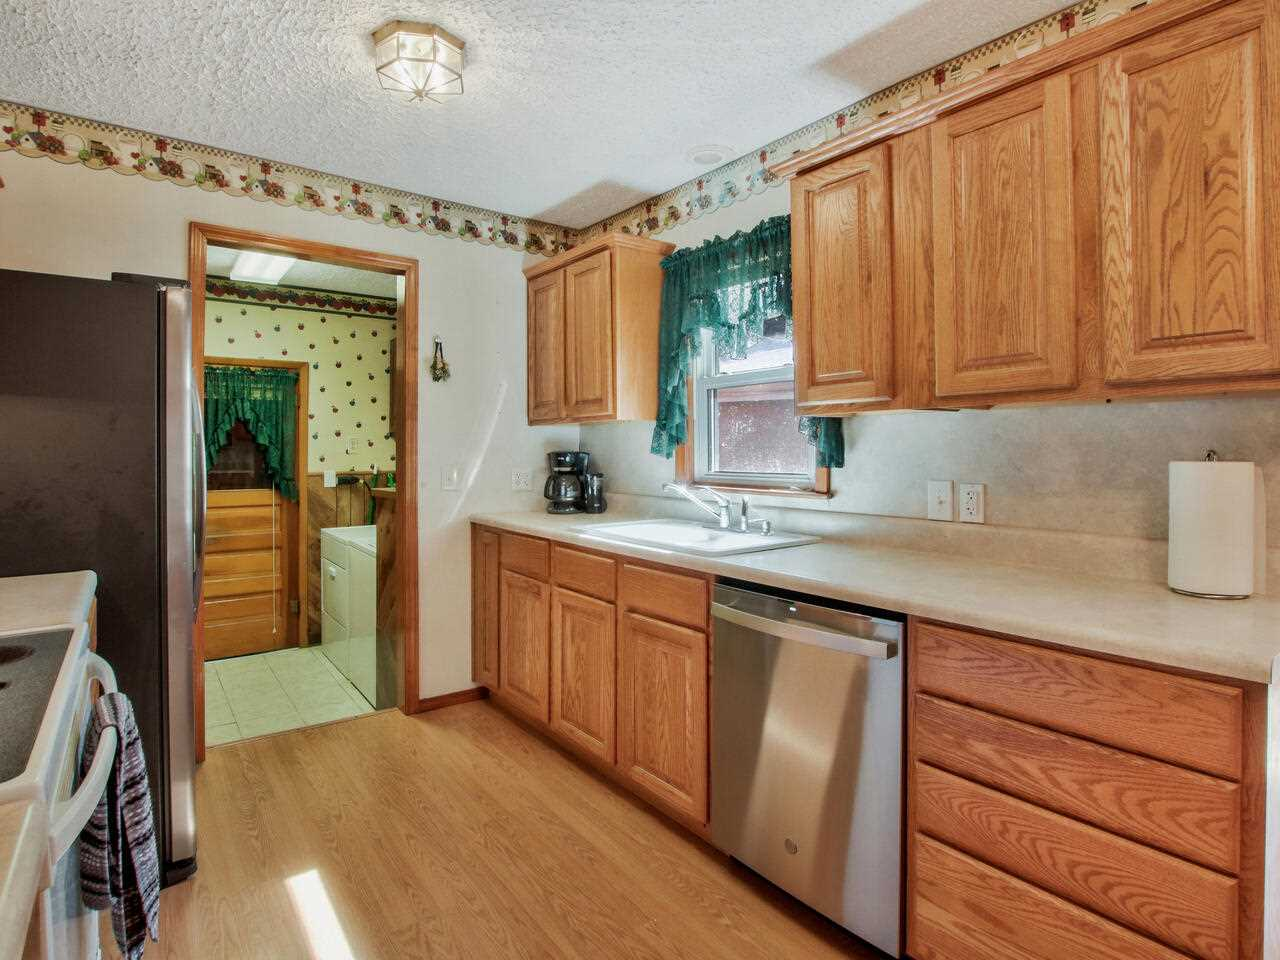 For Sale: 935 W 33RD ST S, Wichita KS